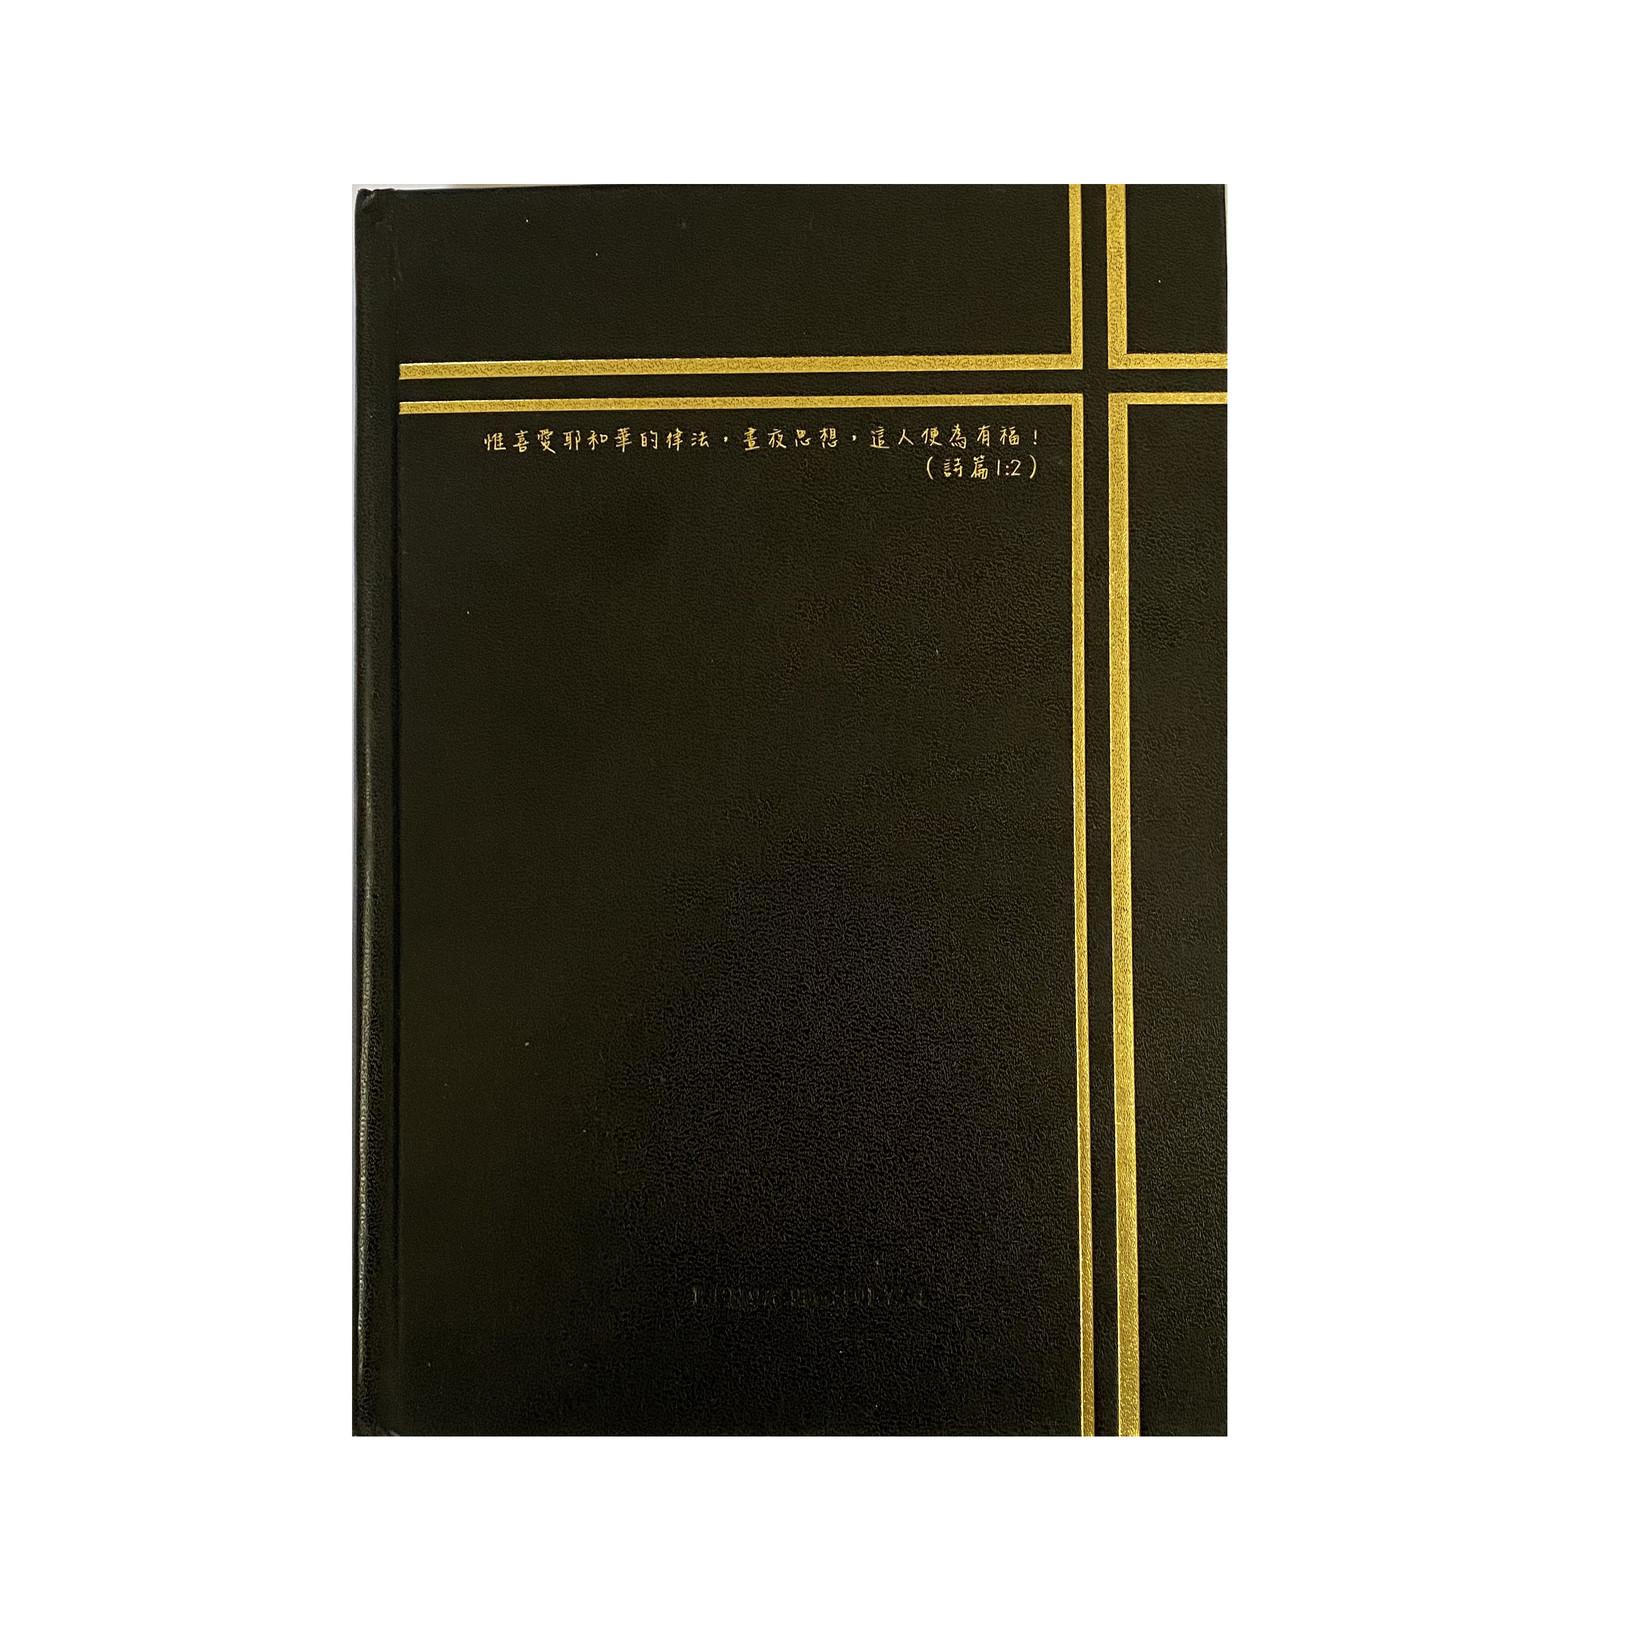 聖經資源中心 CCLM 聖經.和合本.大字精裝索引紅字版.黑面金邊百年版